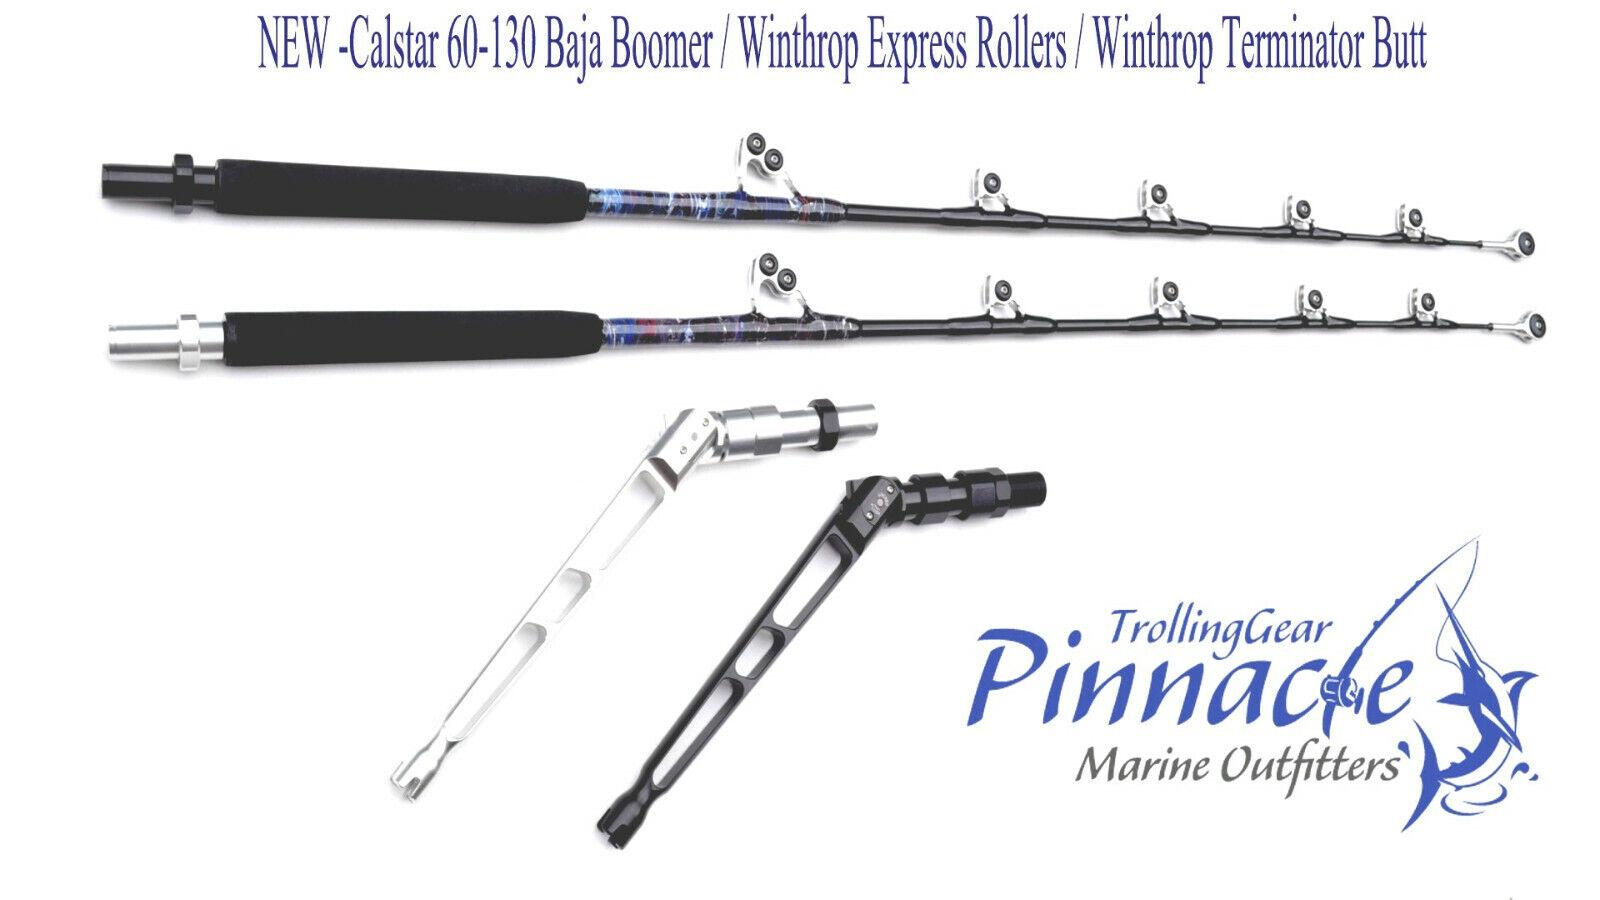 Personalizado  atún rojo diurna espada Rod-Winthrop Terminator + Rodillos de XP -